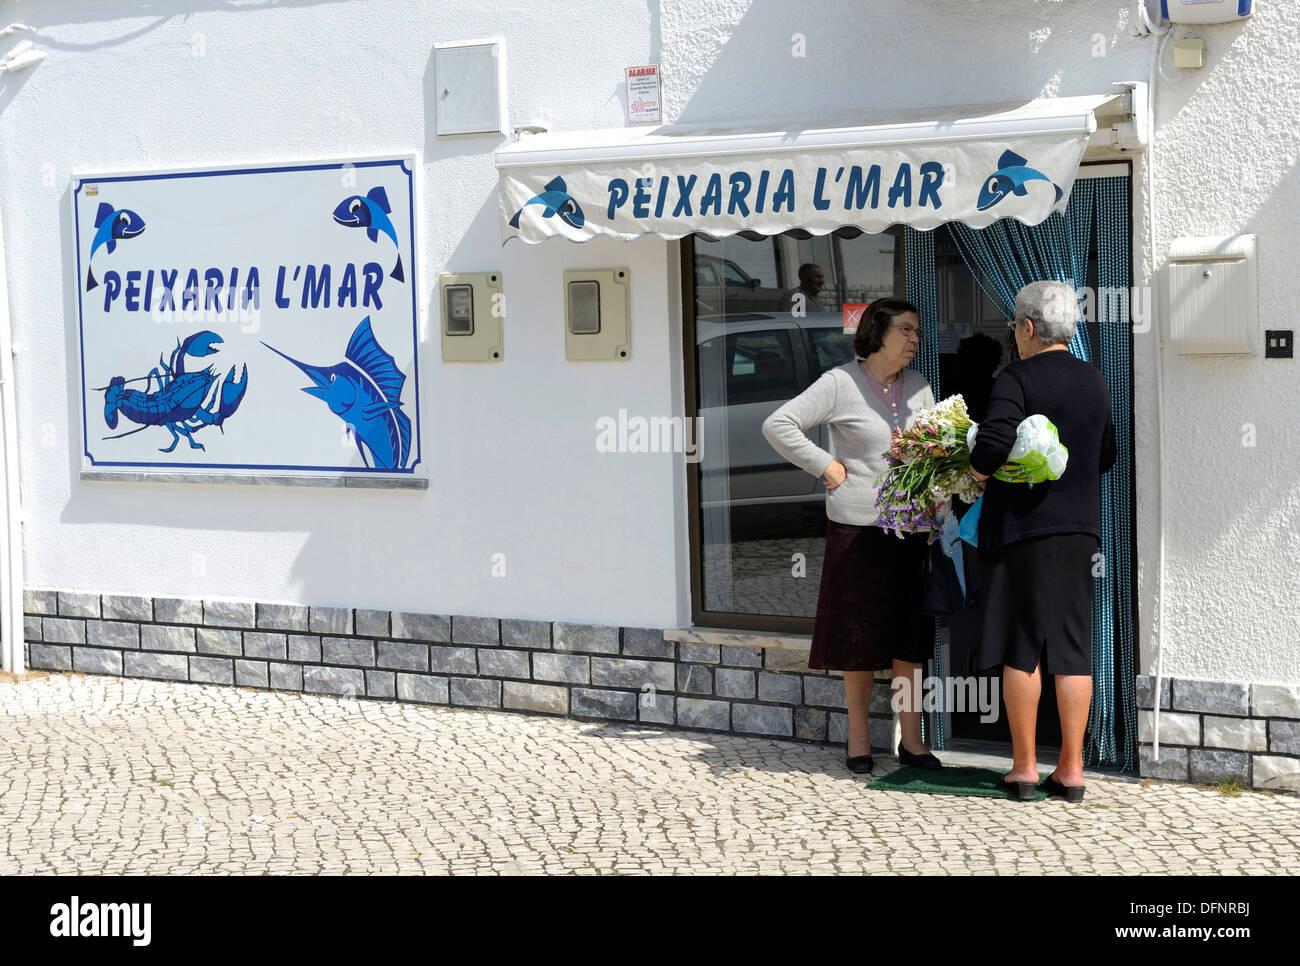 Europa,South Europa,Portugal, Estremadura, Peniche - Stock Image